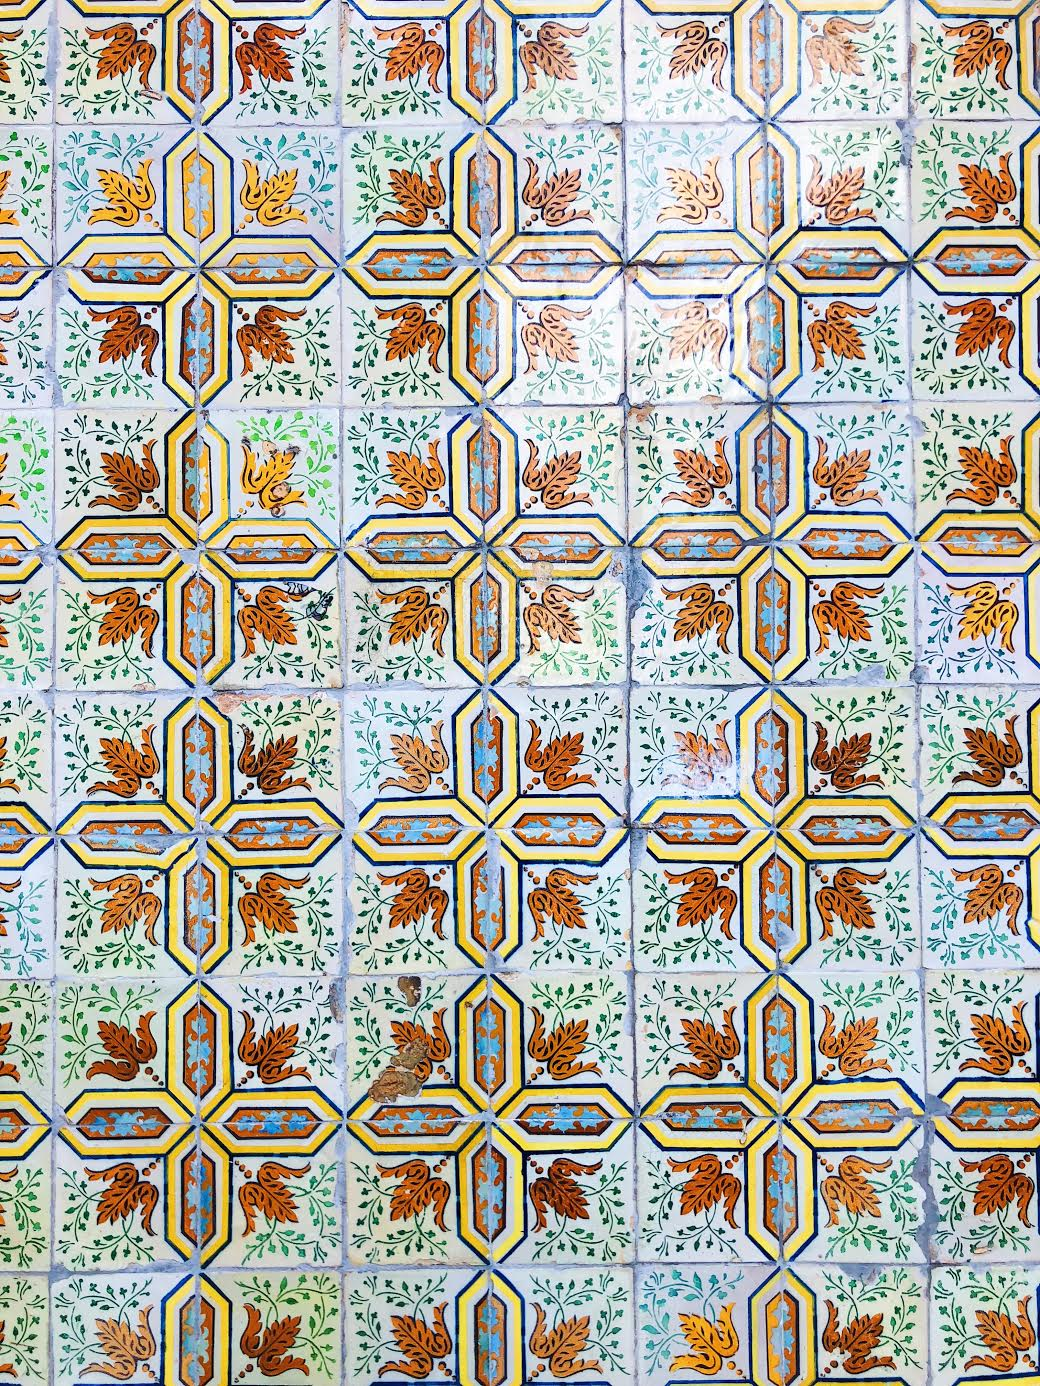 Muslim-travel-guide-Lisbon-travel-tips-tile-art